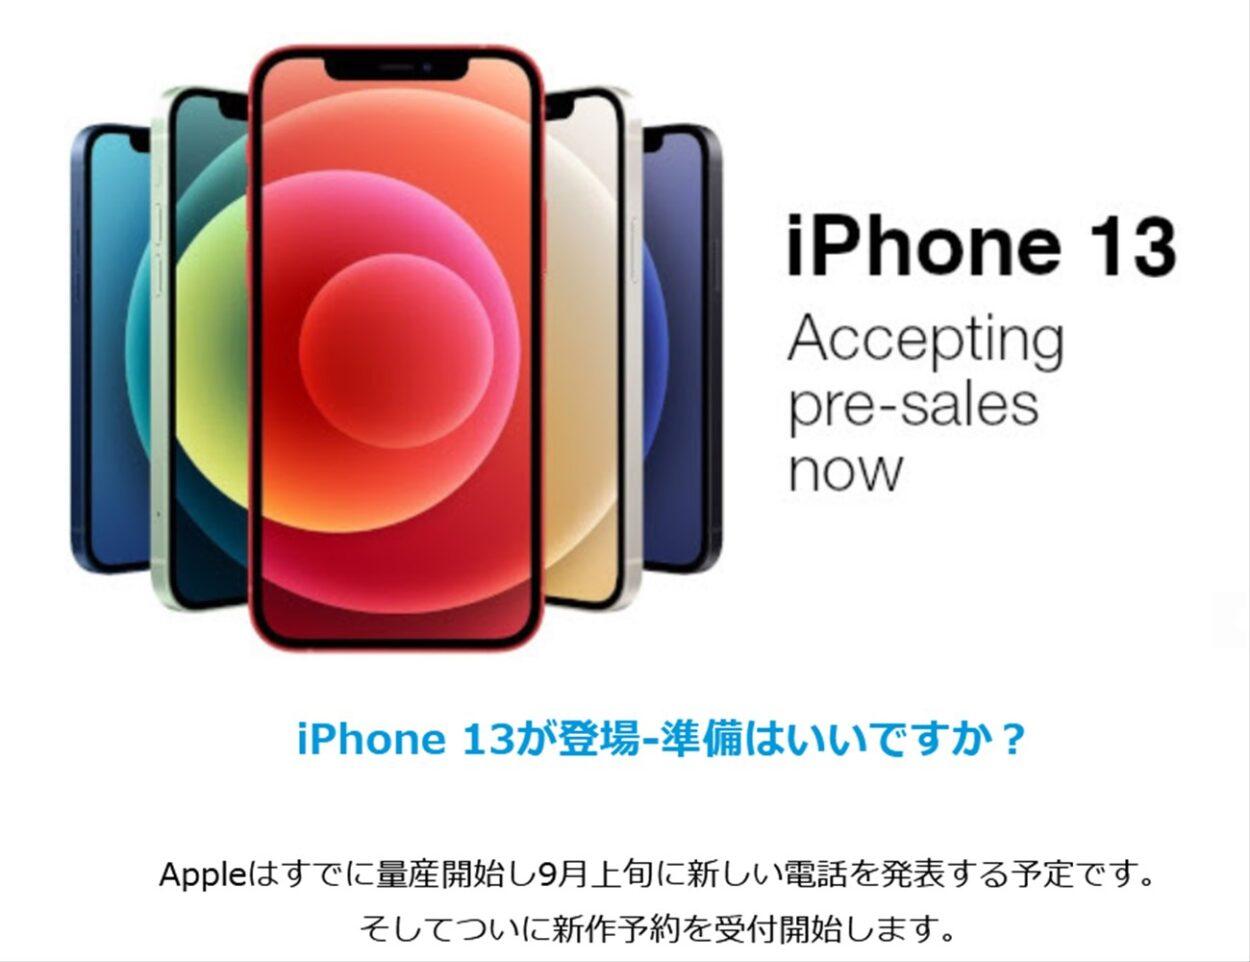 エクスパンシスでiPhone13の予約注文受付が開始